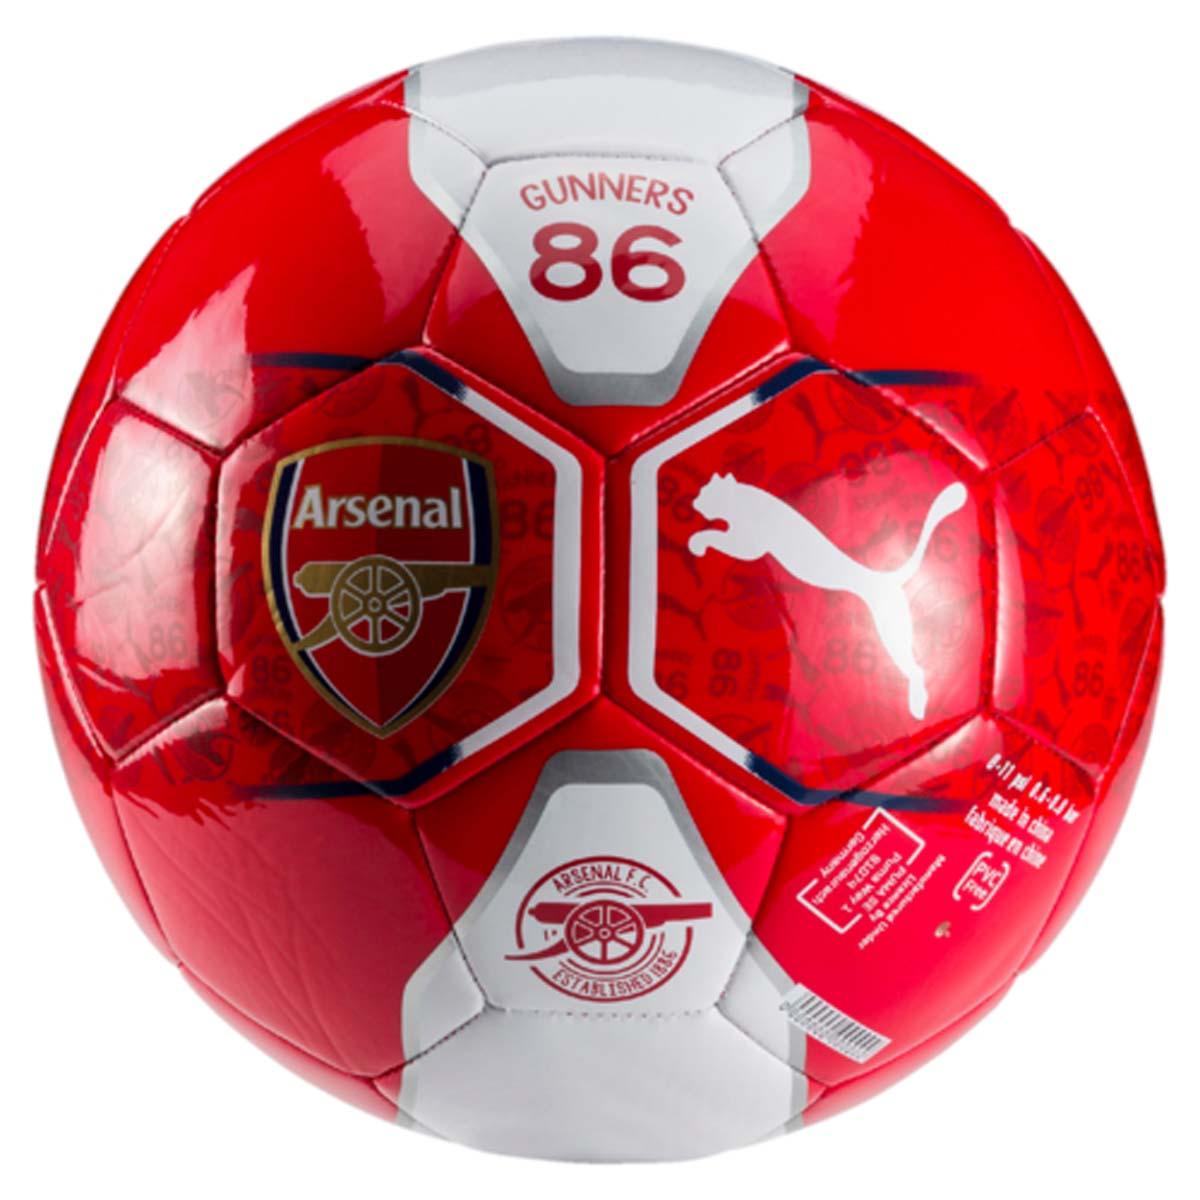 Мяч футбольный Puma Arsenal Fan Ball, цвет: красный. 08274201. Размер 508274201